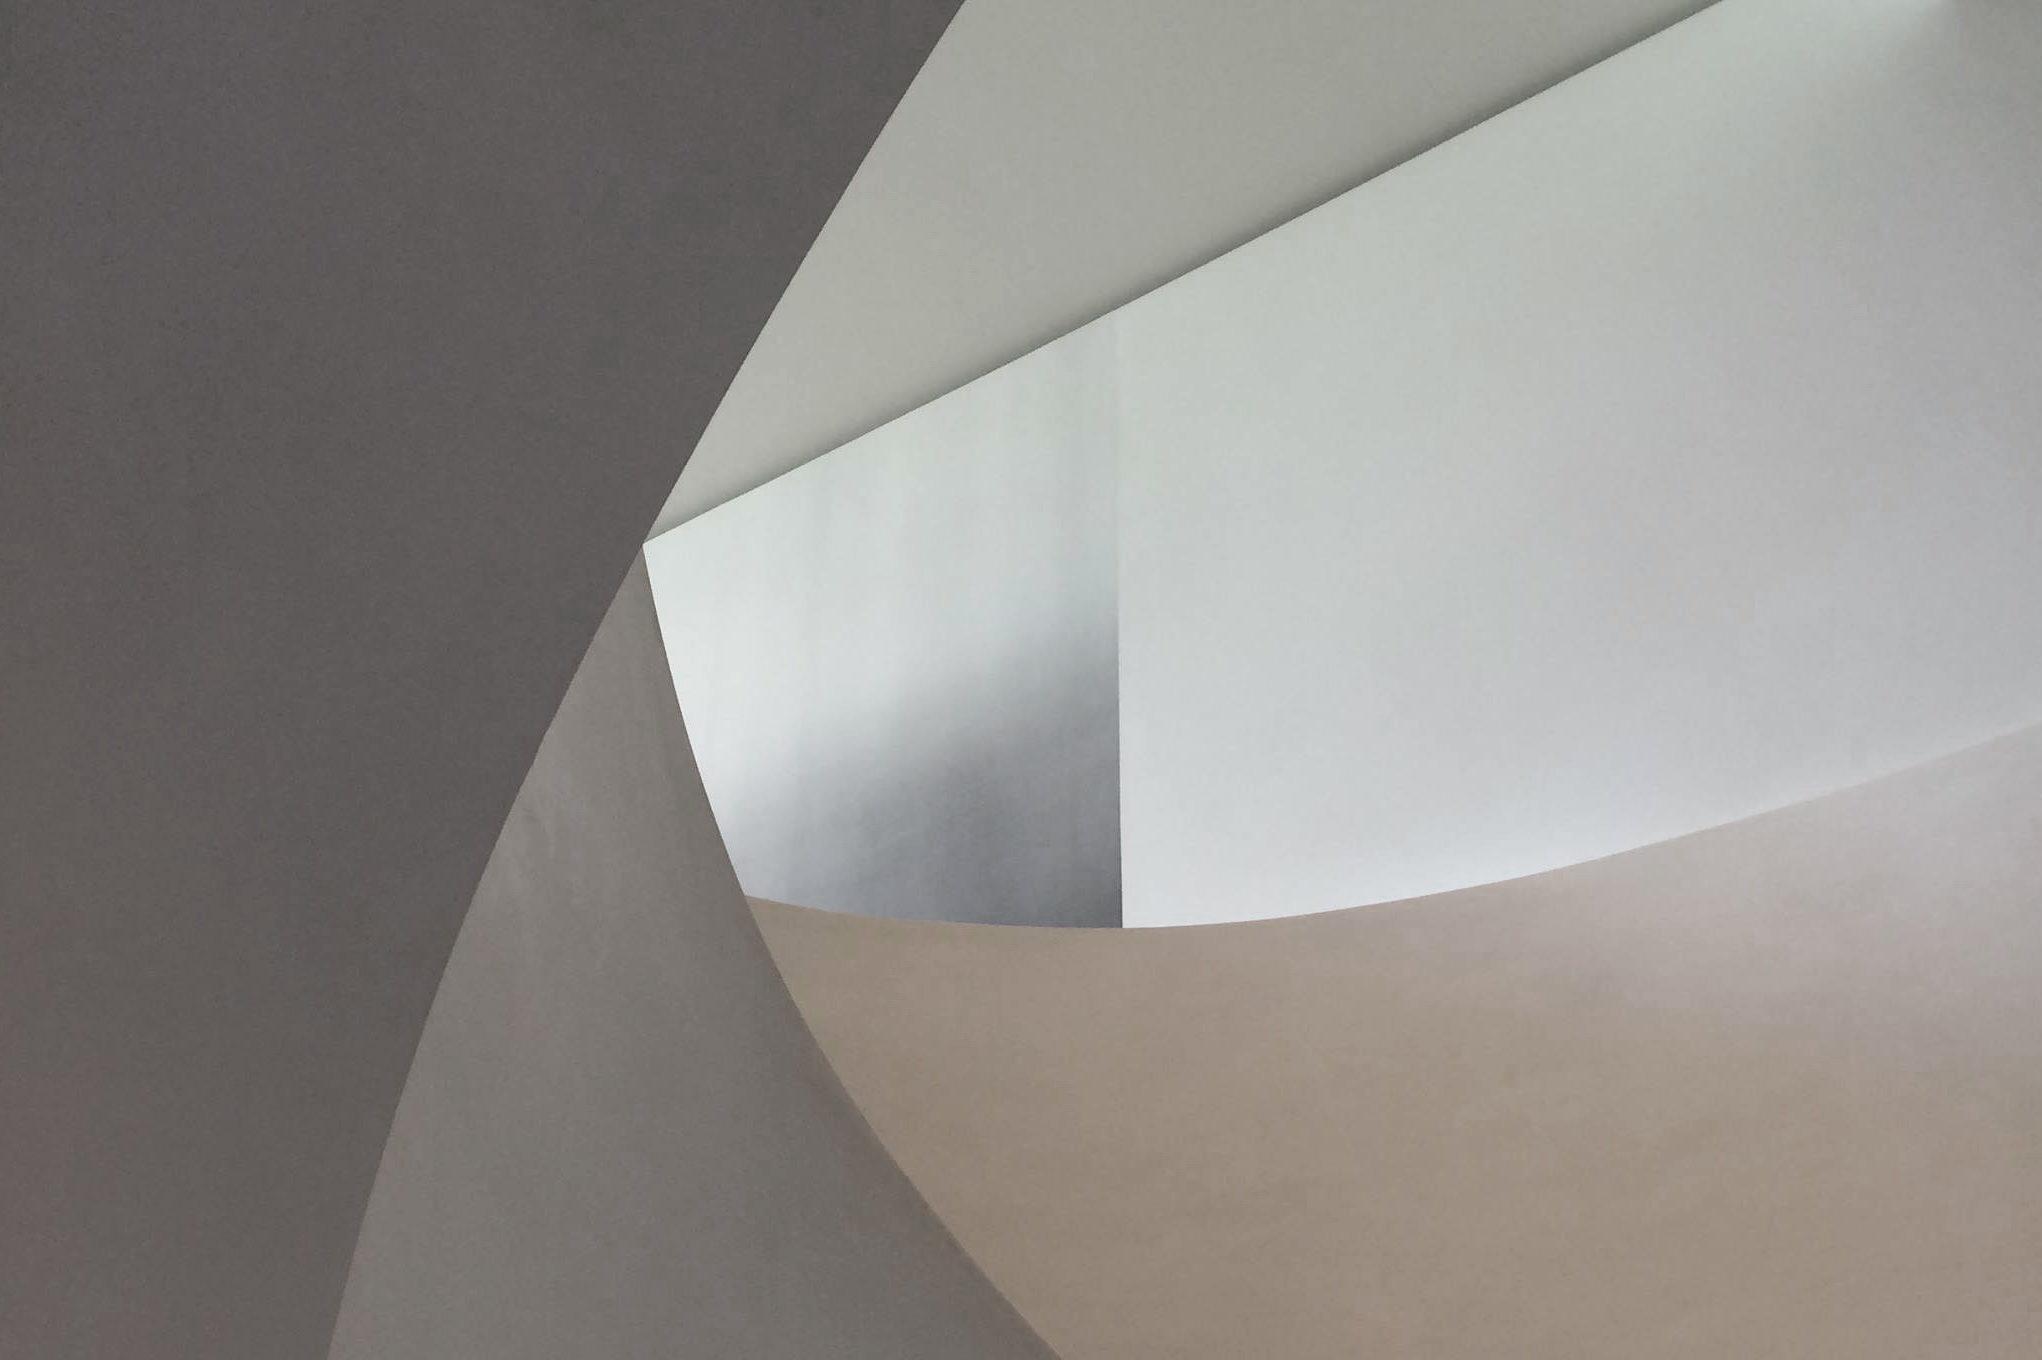 Zara architetti - Alessandro Zara architetto - Alea - Arte